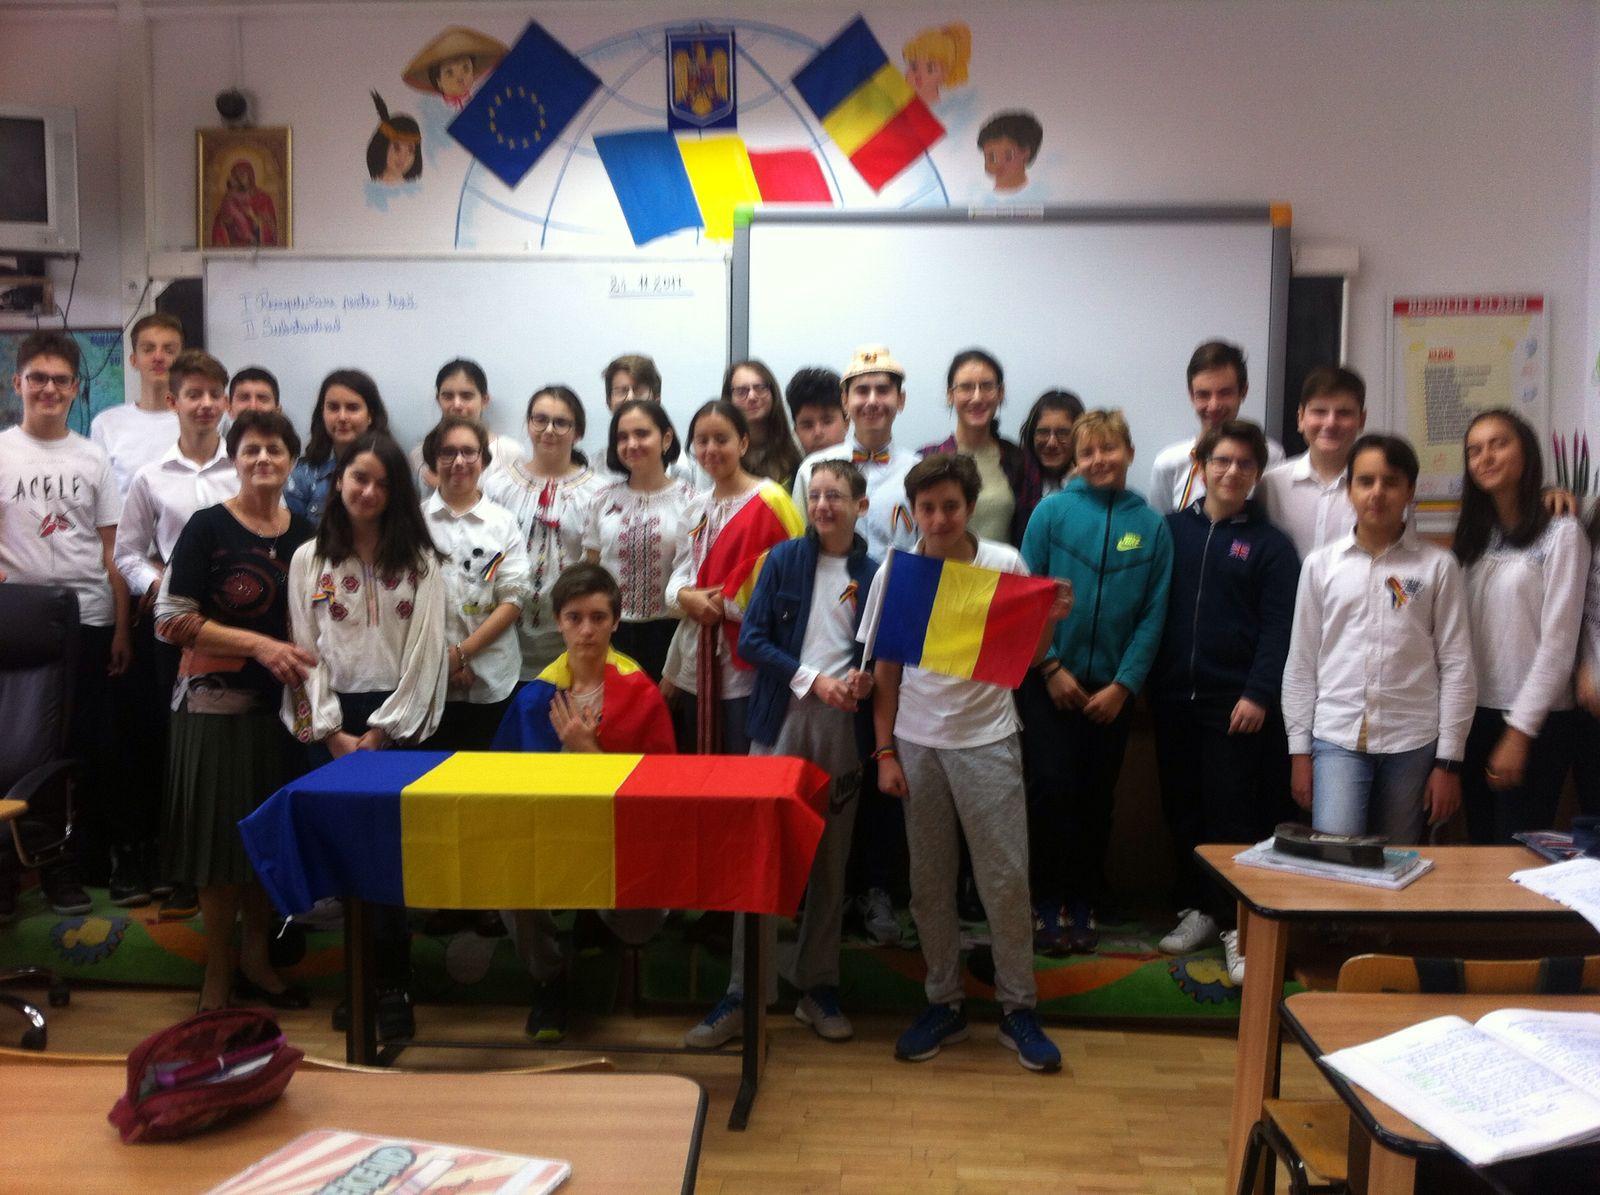 http://www.scoala12bucuresti.ro/site/wp-content/uploads/2017/12/9.jpeg